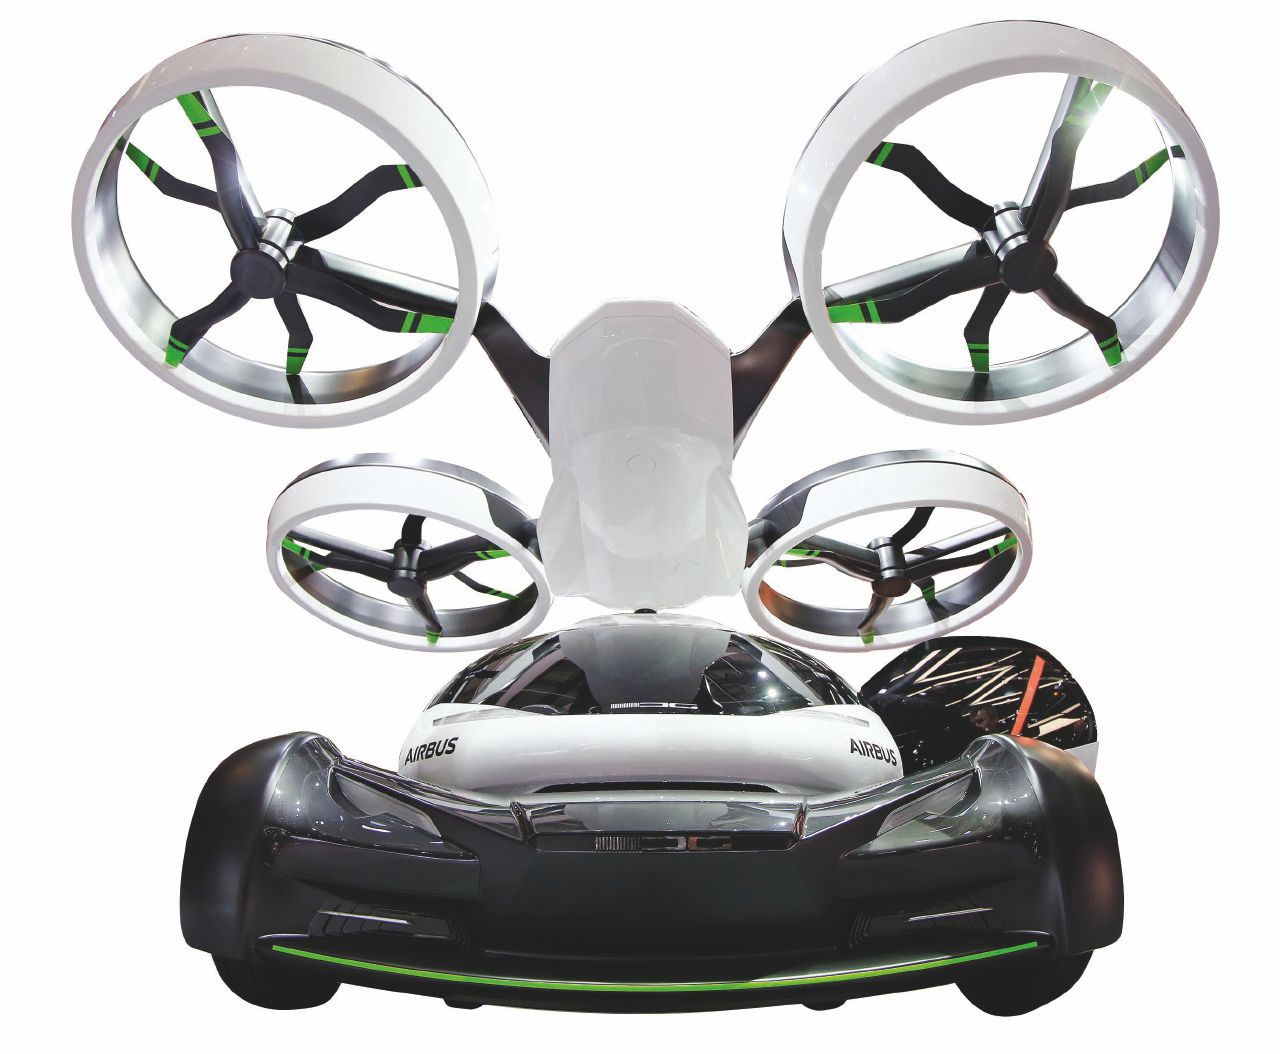 Benvenuti nel futuro: l'auto drone che sa volare